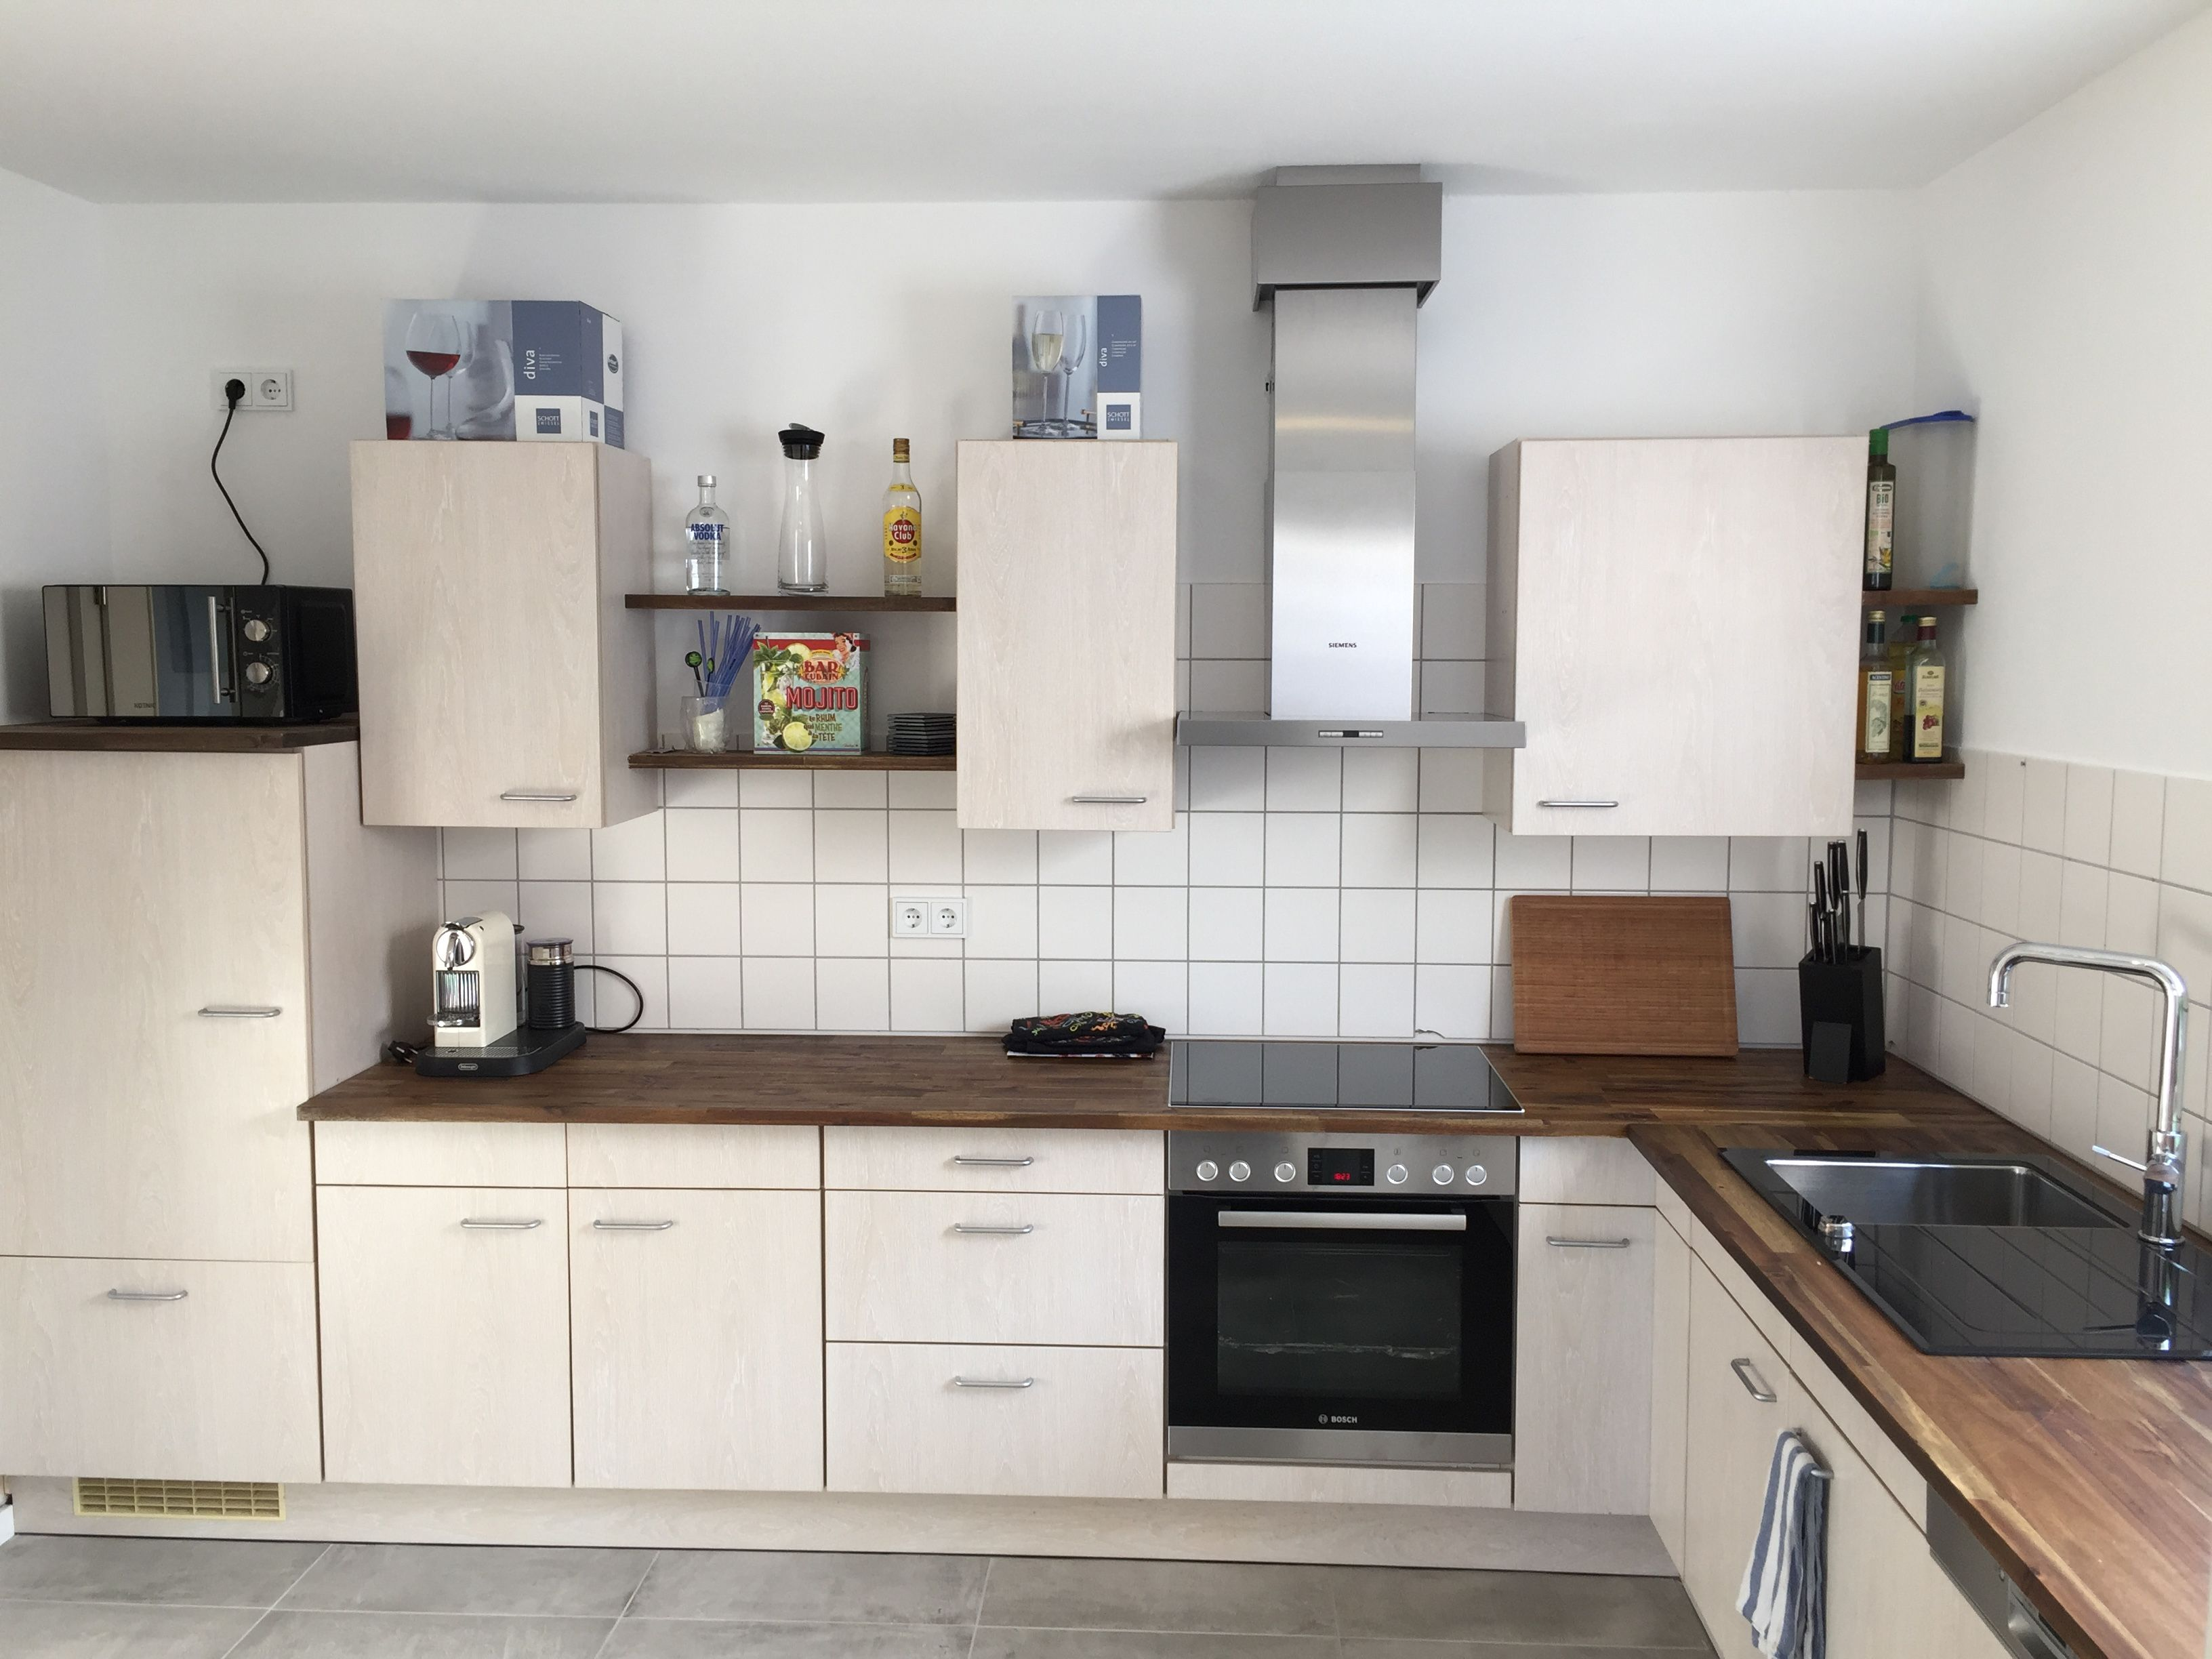 Ausgezeichnet Küche Renovierung Bilder Ideen - Ideen Für Die Küche ...